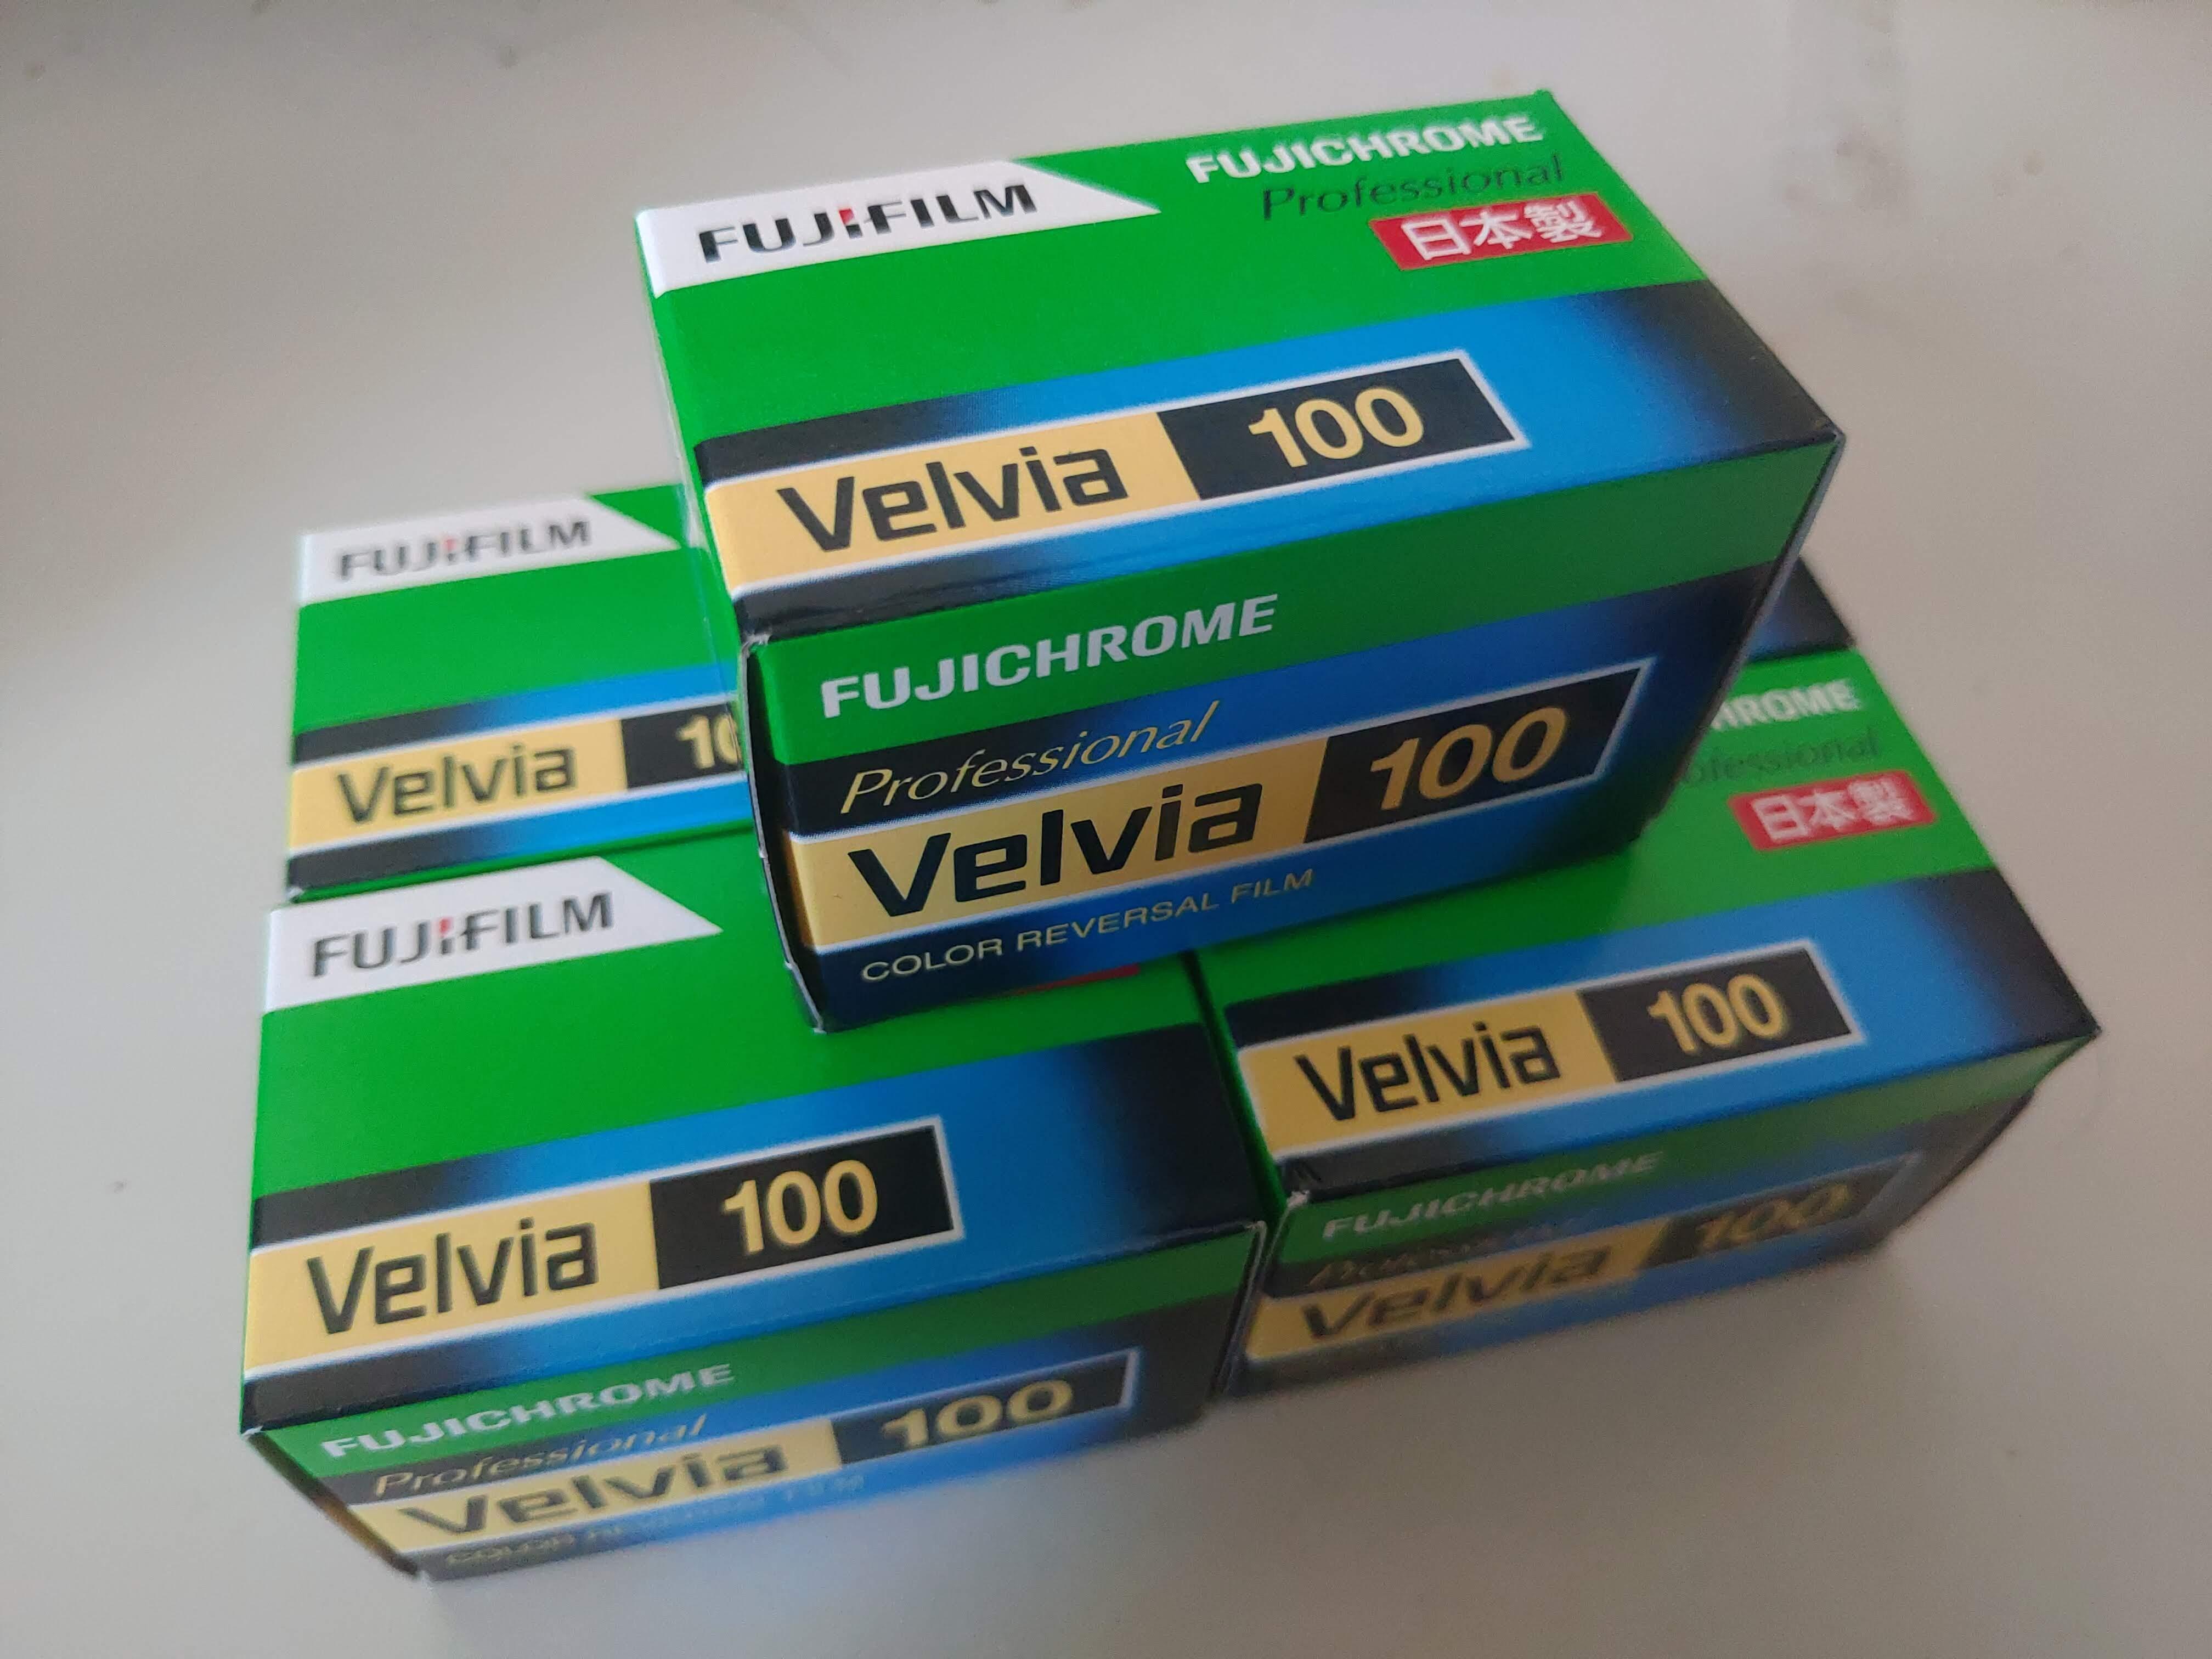 値上げ対策としてフィルムを大量購入した